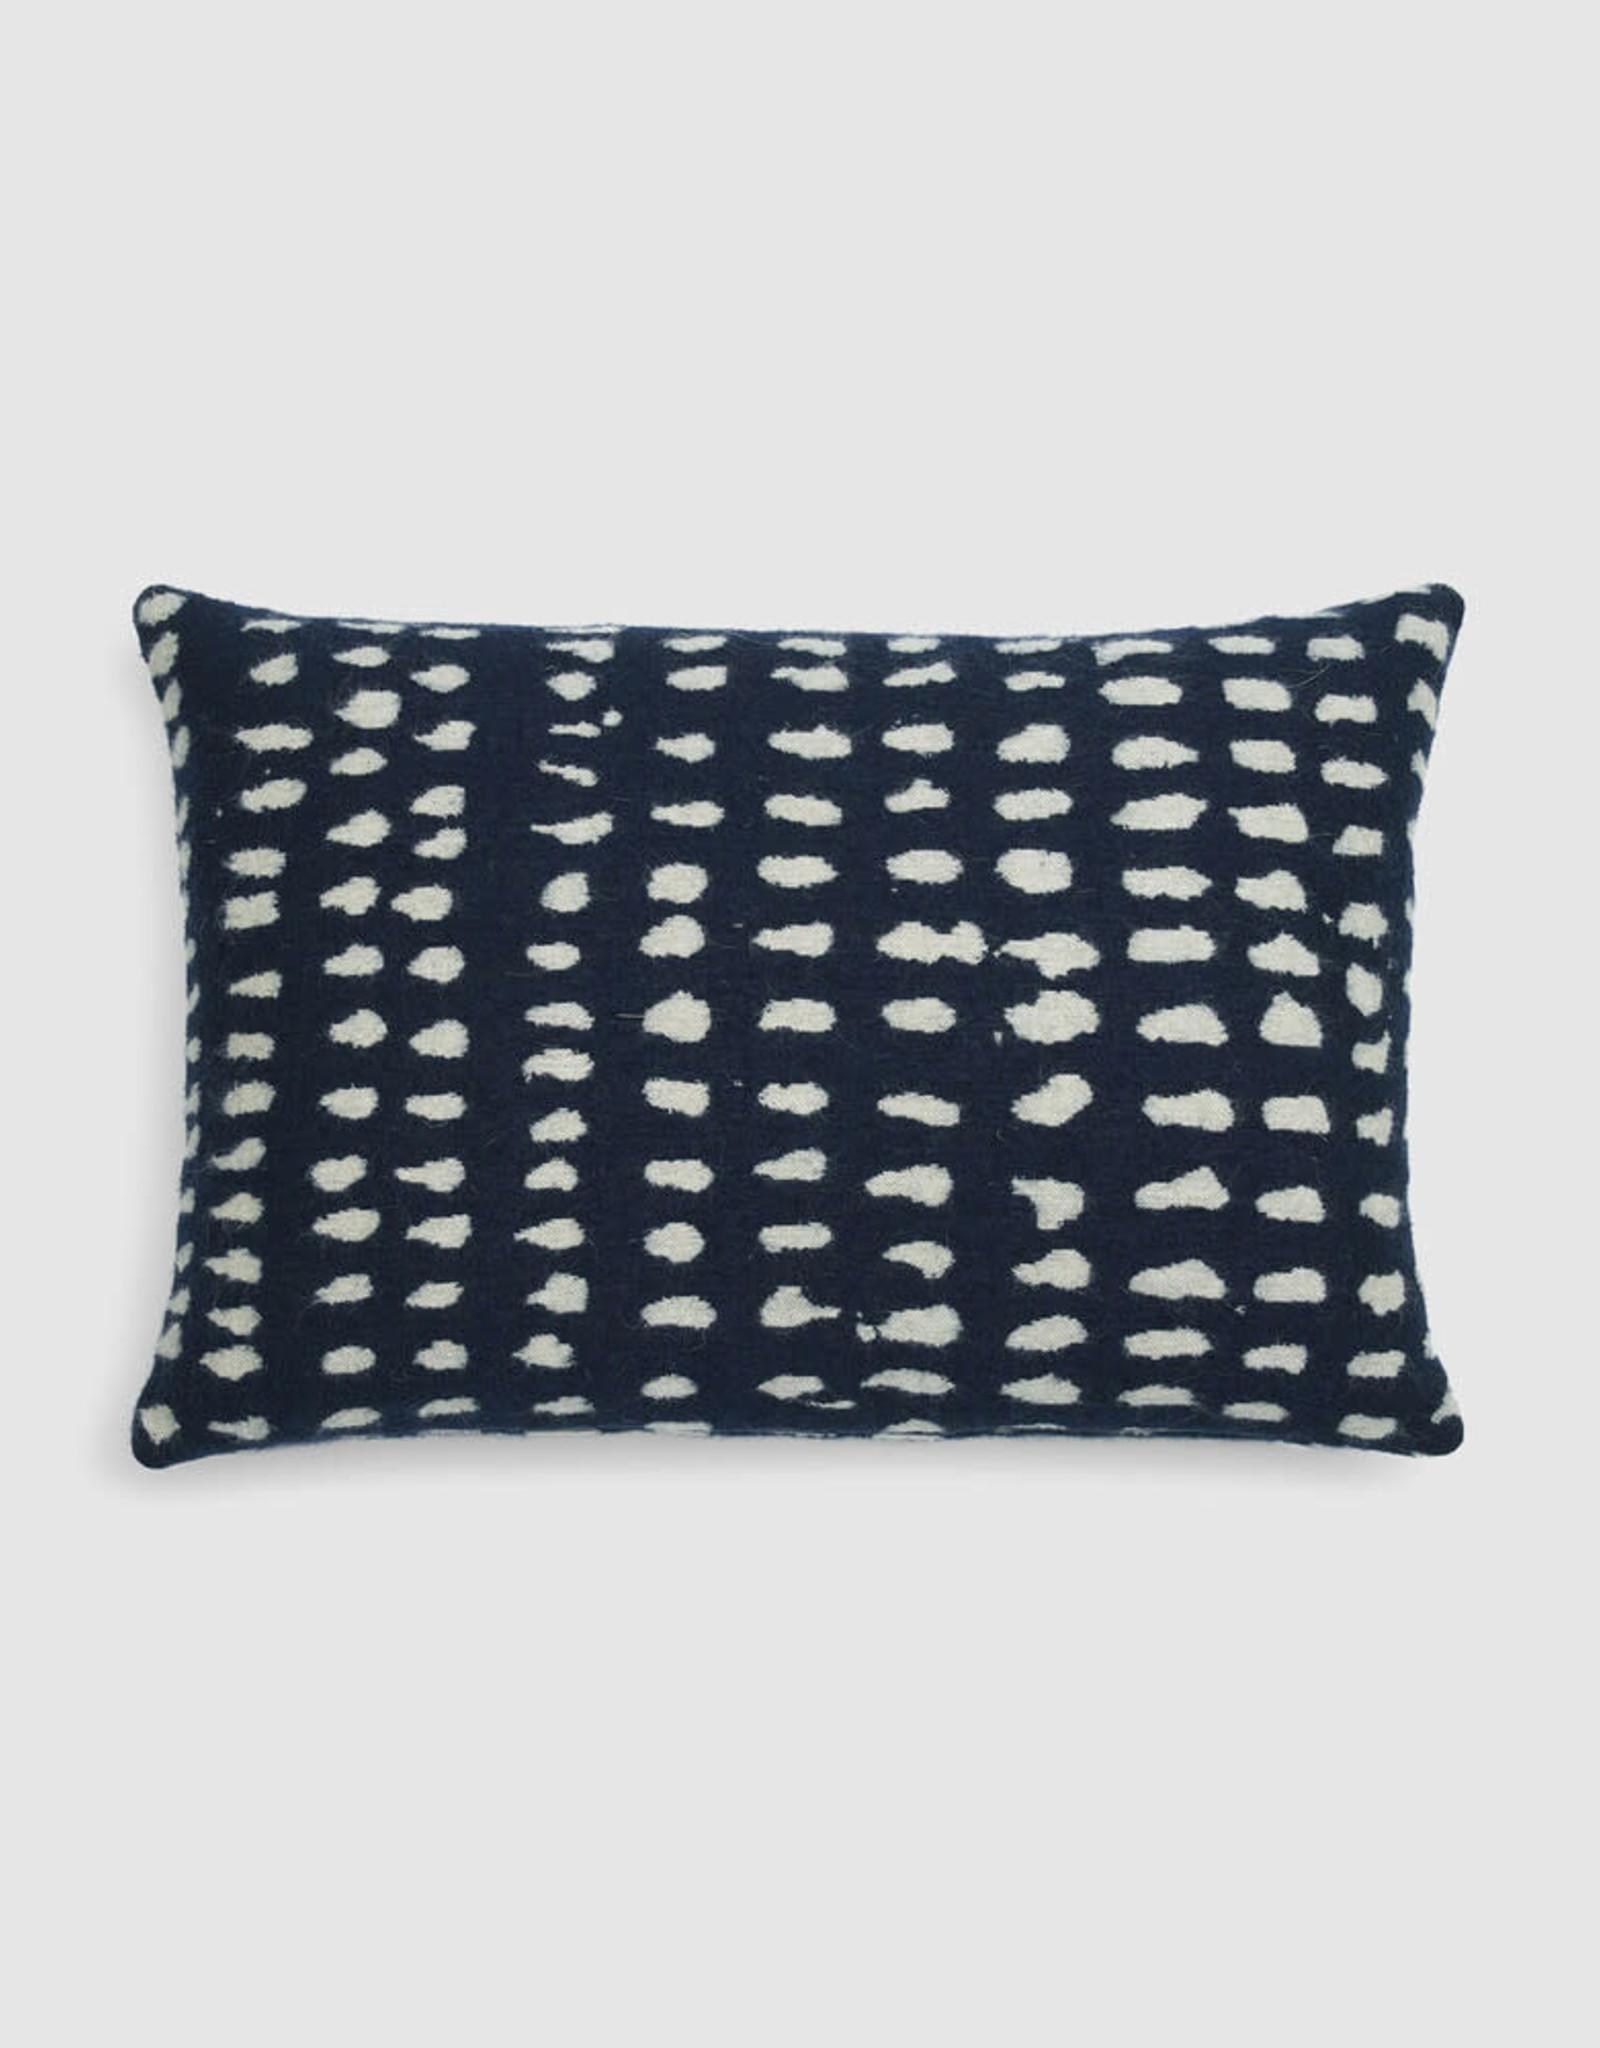 Navy Dots Lumbar Cushion